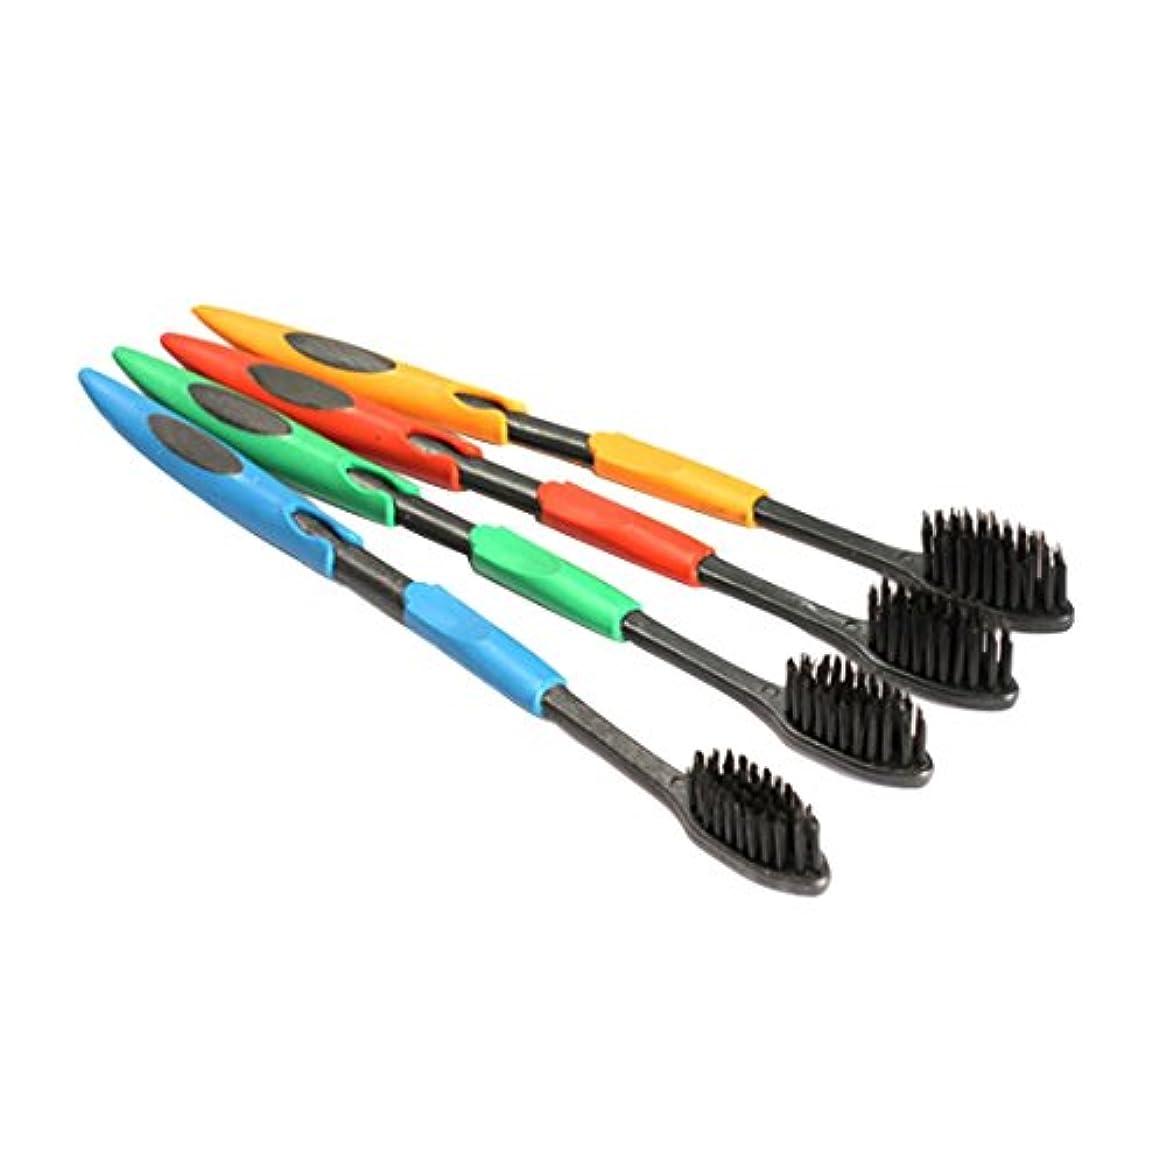 ビバそれにもかかわらず武装解除YPZHEN 4 PCS抗菌ソフトスーパーファインファミリーサイズの歯ブラシナノ竹炭の歯ブラシ、ランダムカラーデリバリー